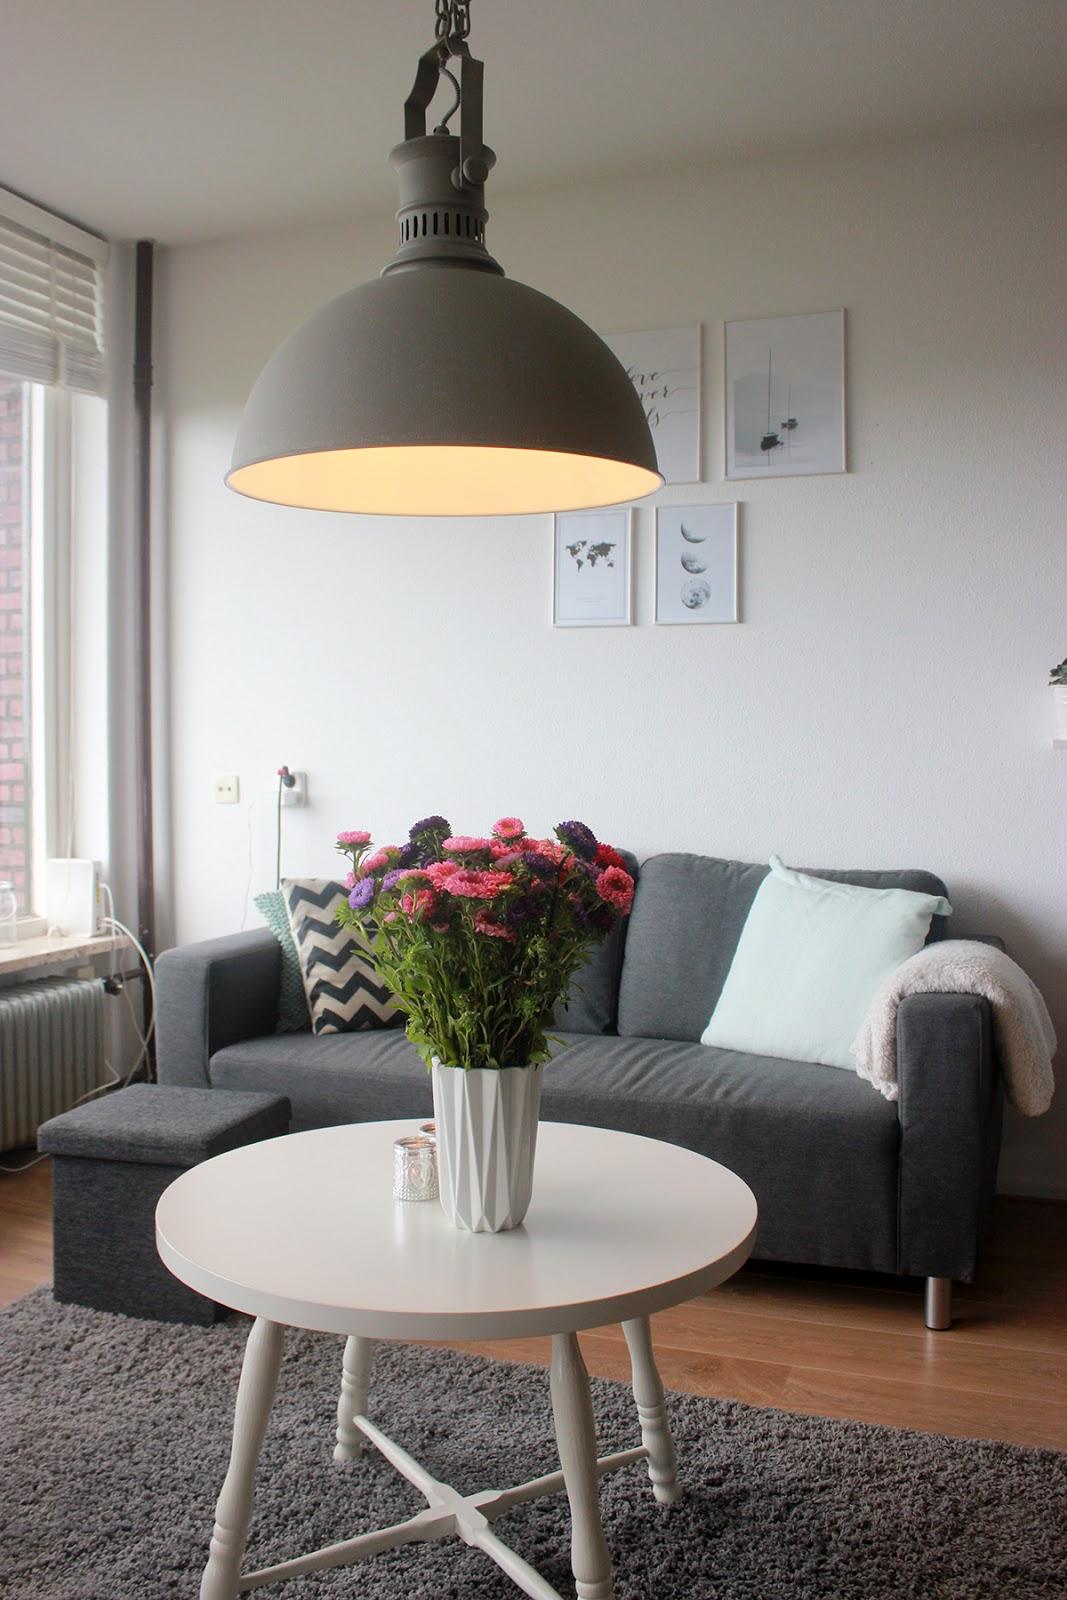 Een nieuwe lamp in de woonkamer  The Budget Life  Blog